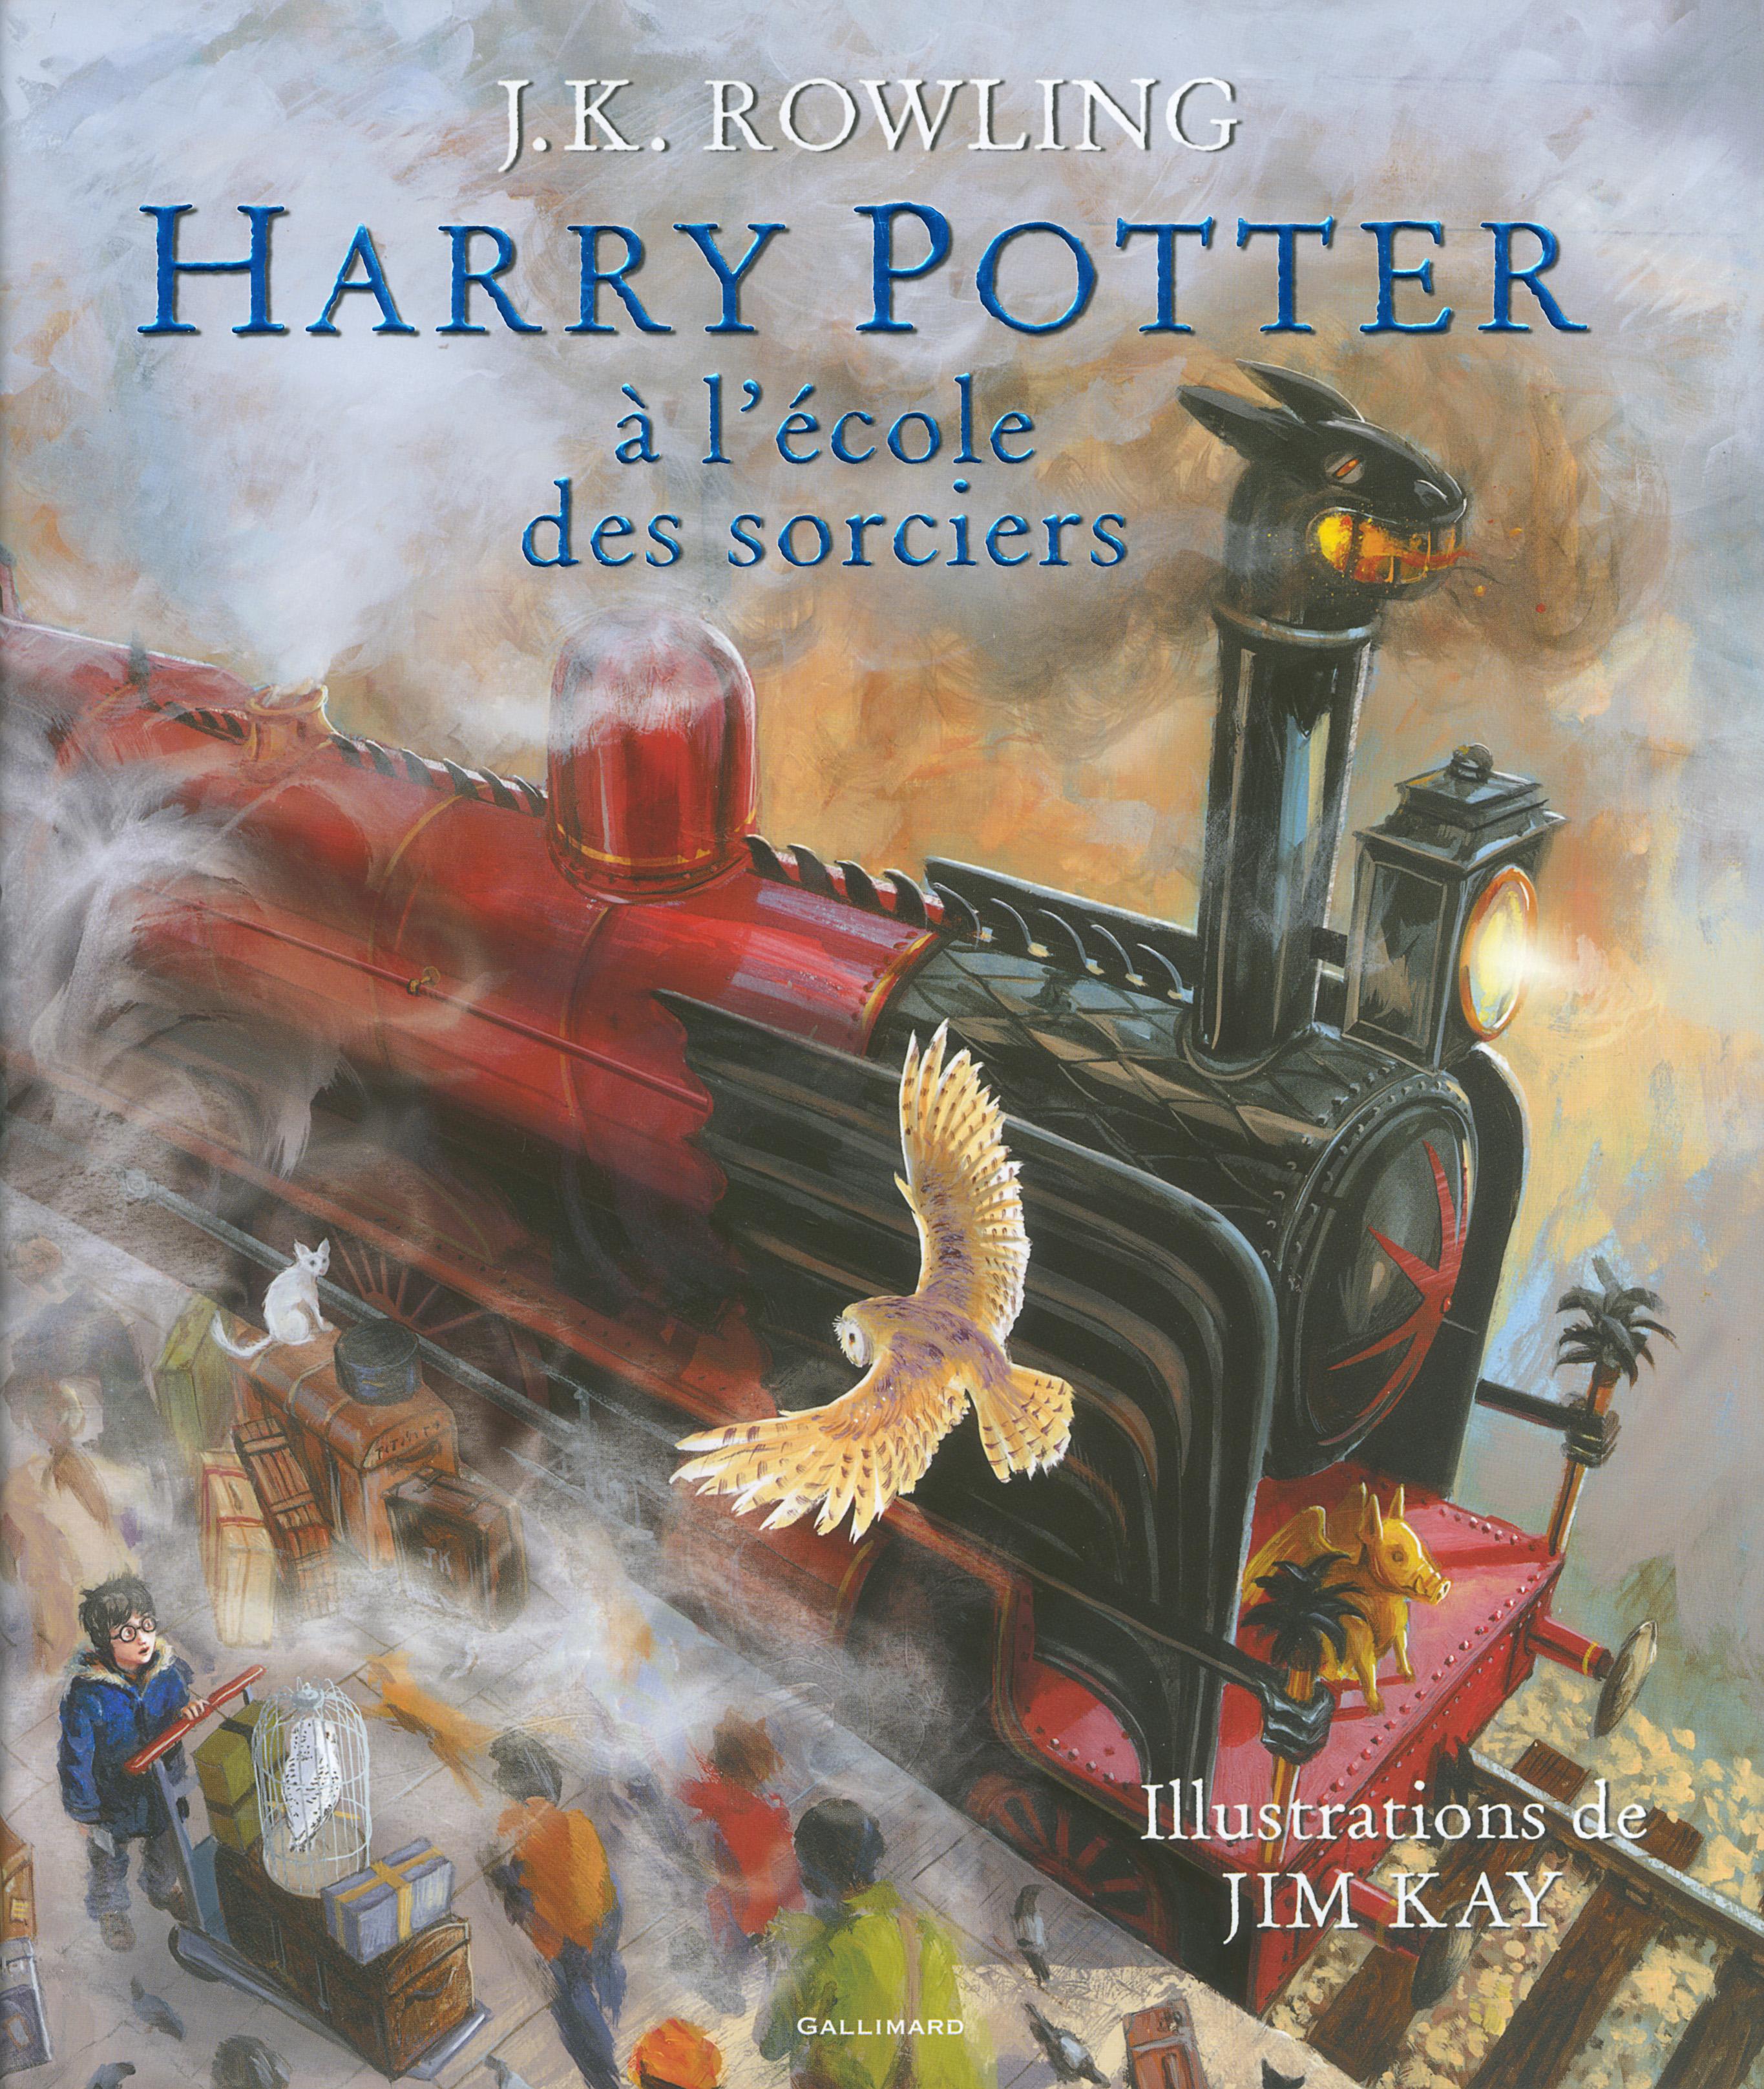 harry-potter-a-lecole-des-sorciers-jk-rowling-jim-kay-couverture